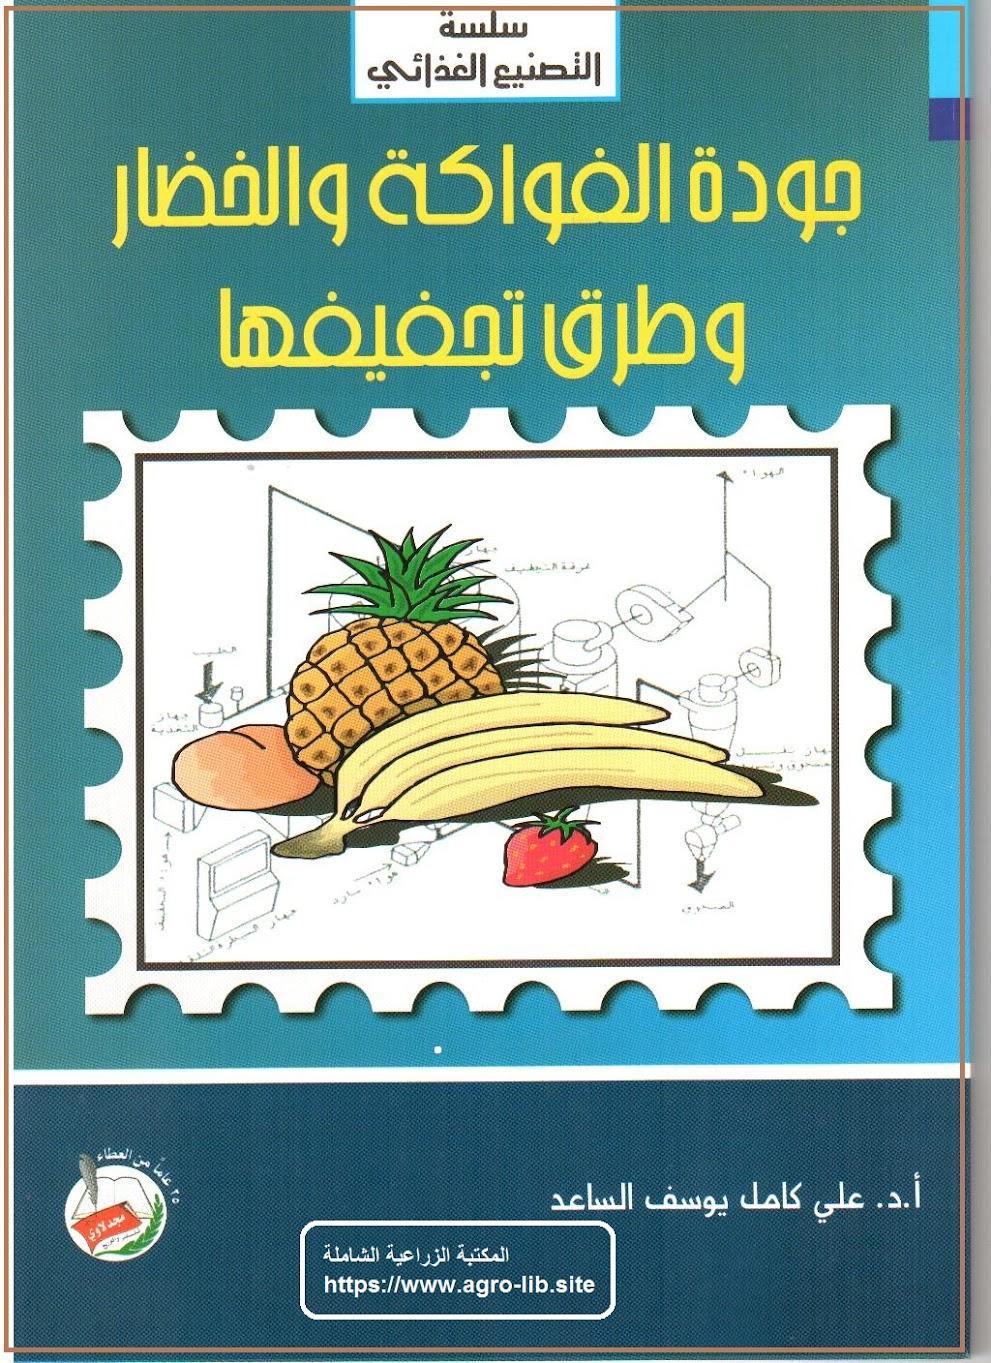 كتاب : الدليل الشامل في جودة الفواكه و الخضار و طرق تجفيفها